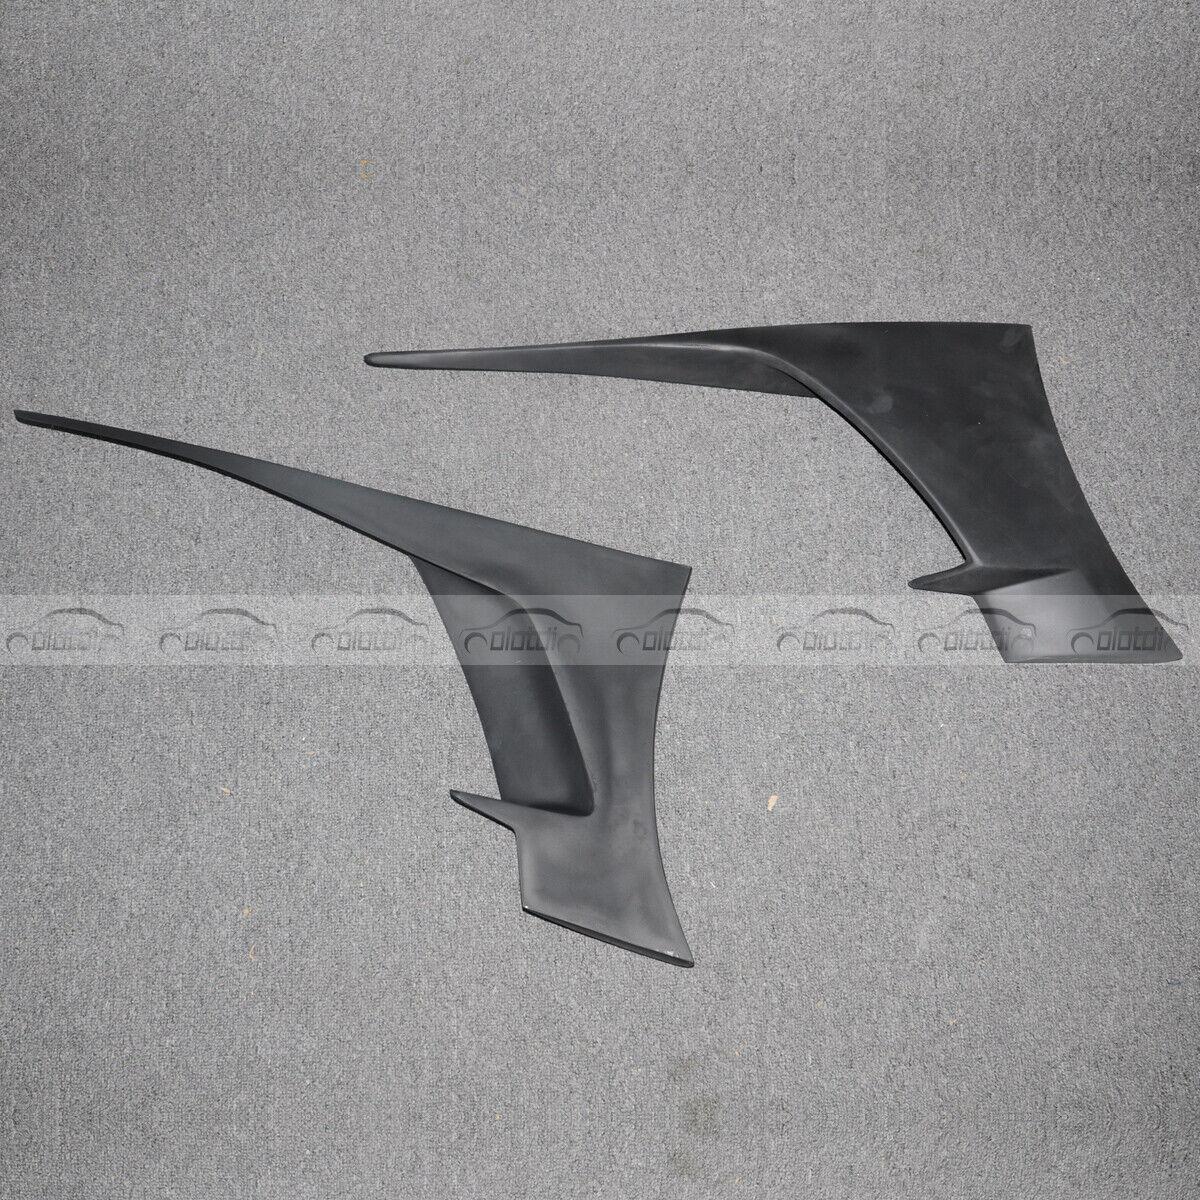 Details about 7PC Rear Wheel Trim FRP Molding Fender Flare Fits For  Chevrolet Corvette C7